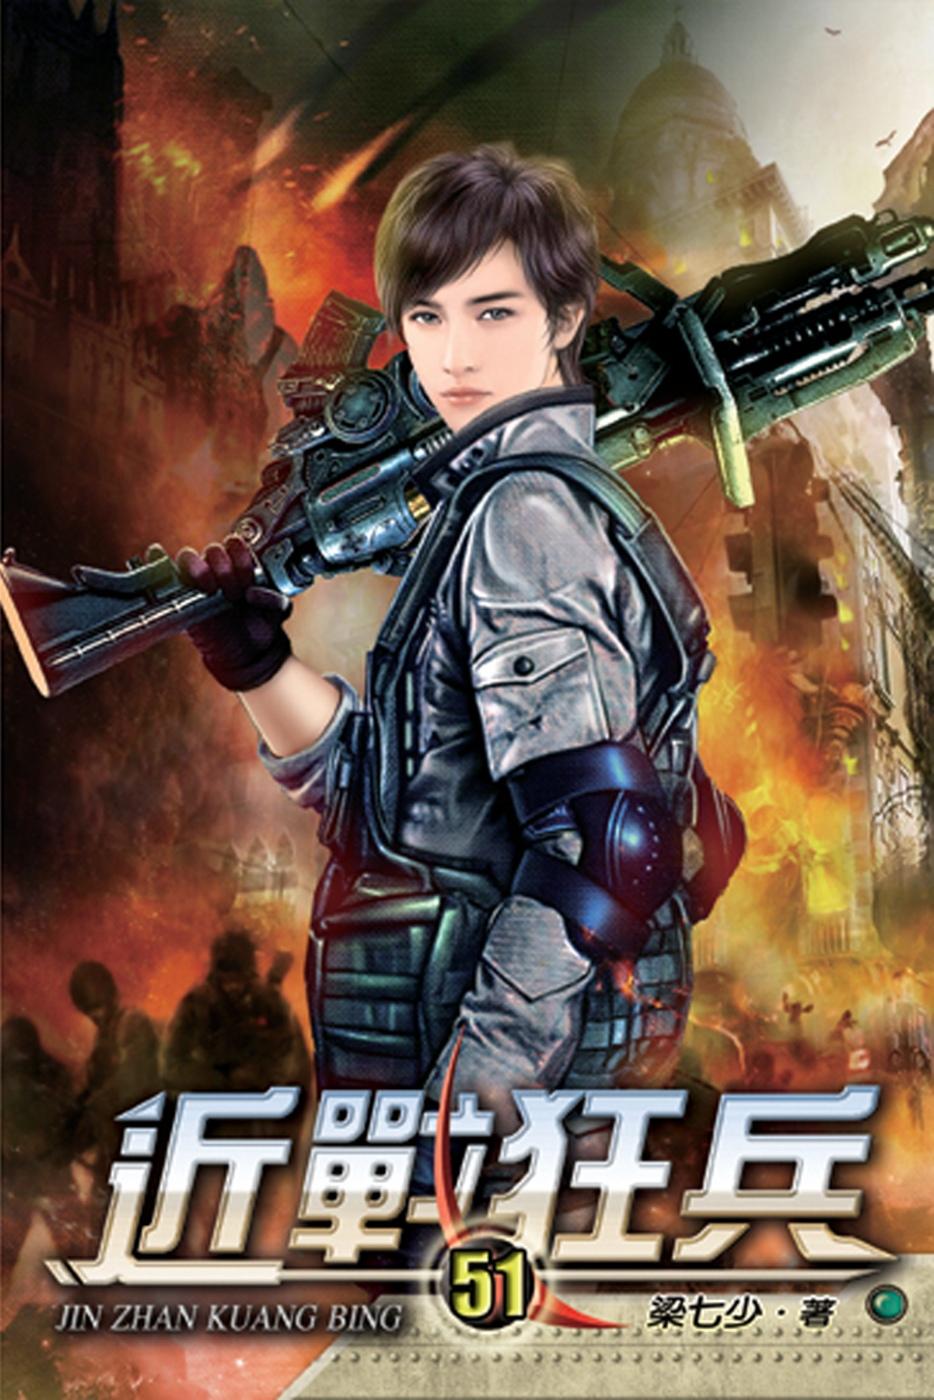 近戰狂兵51